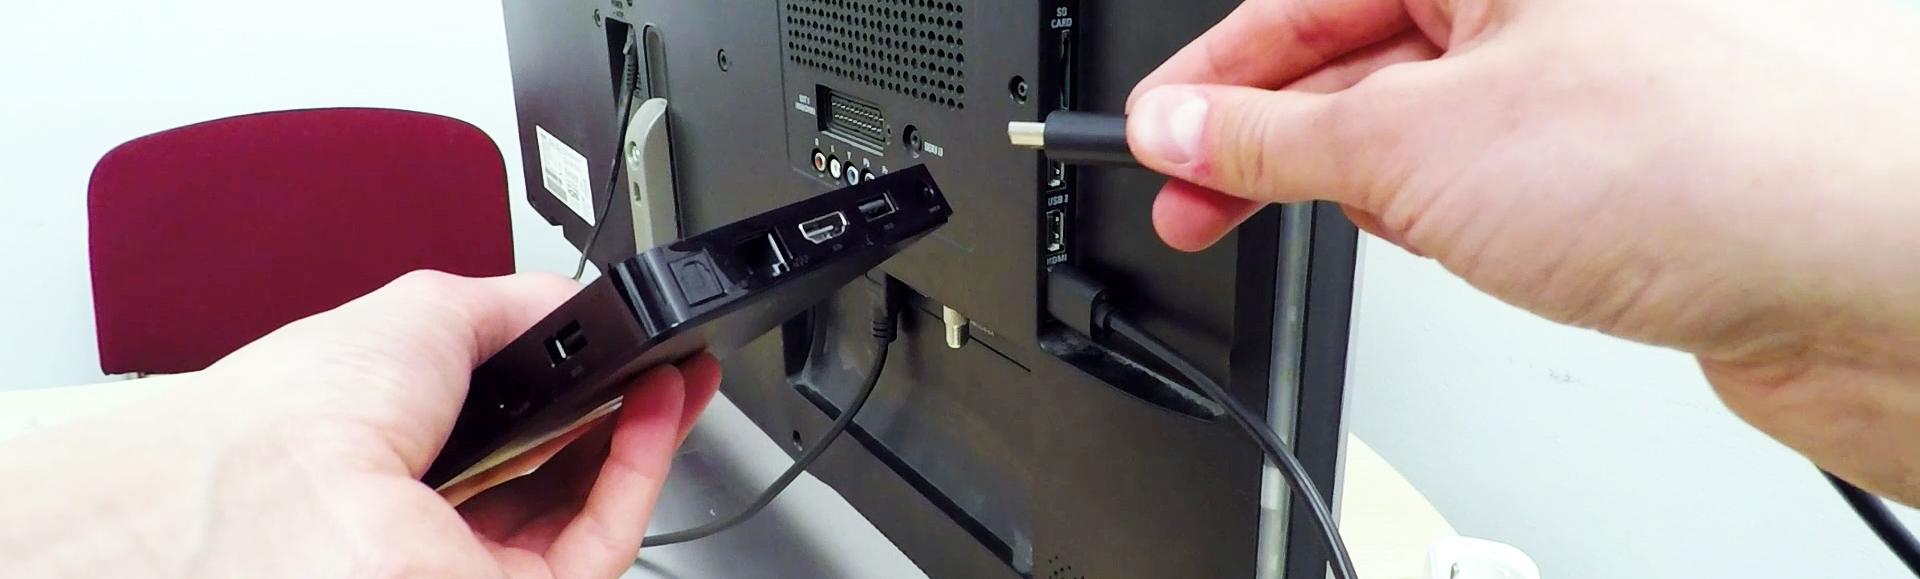 Как подключить цифровую ТВ приставку к телевизору LG правильно